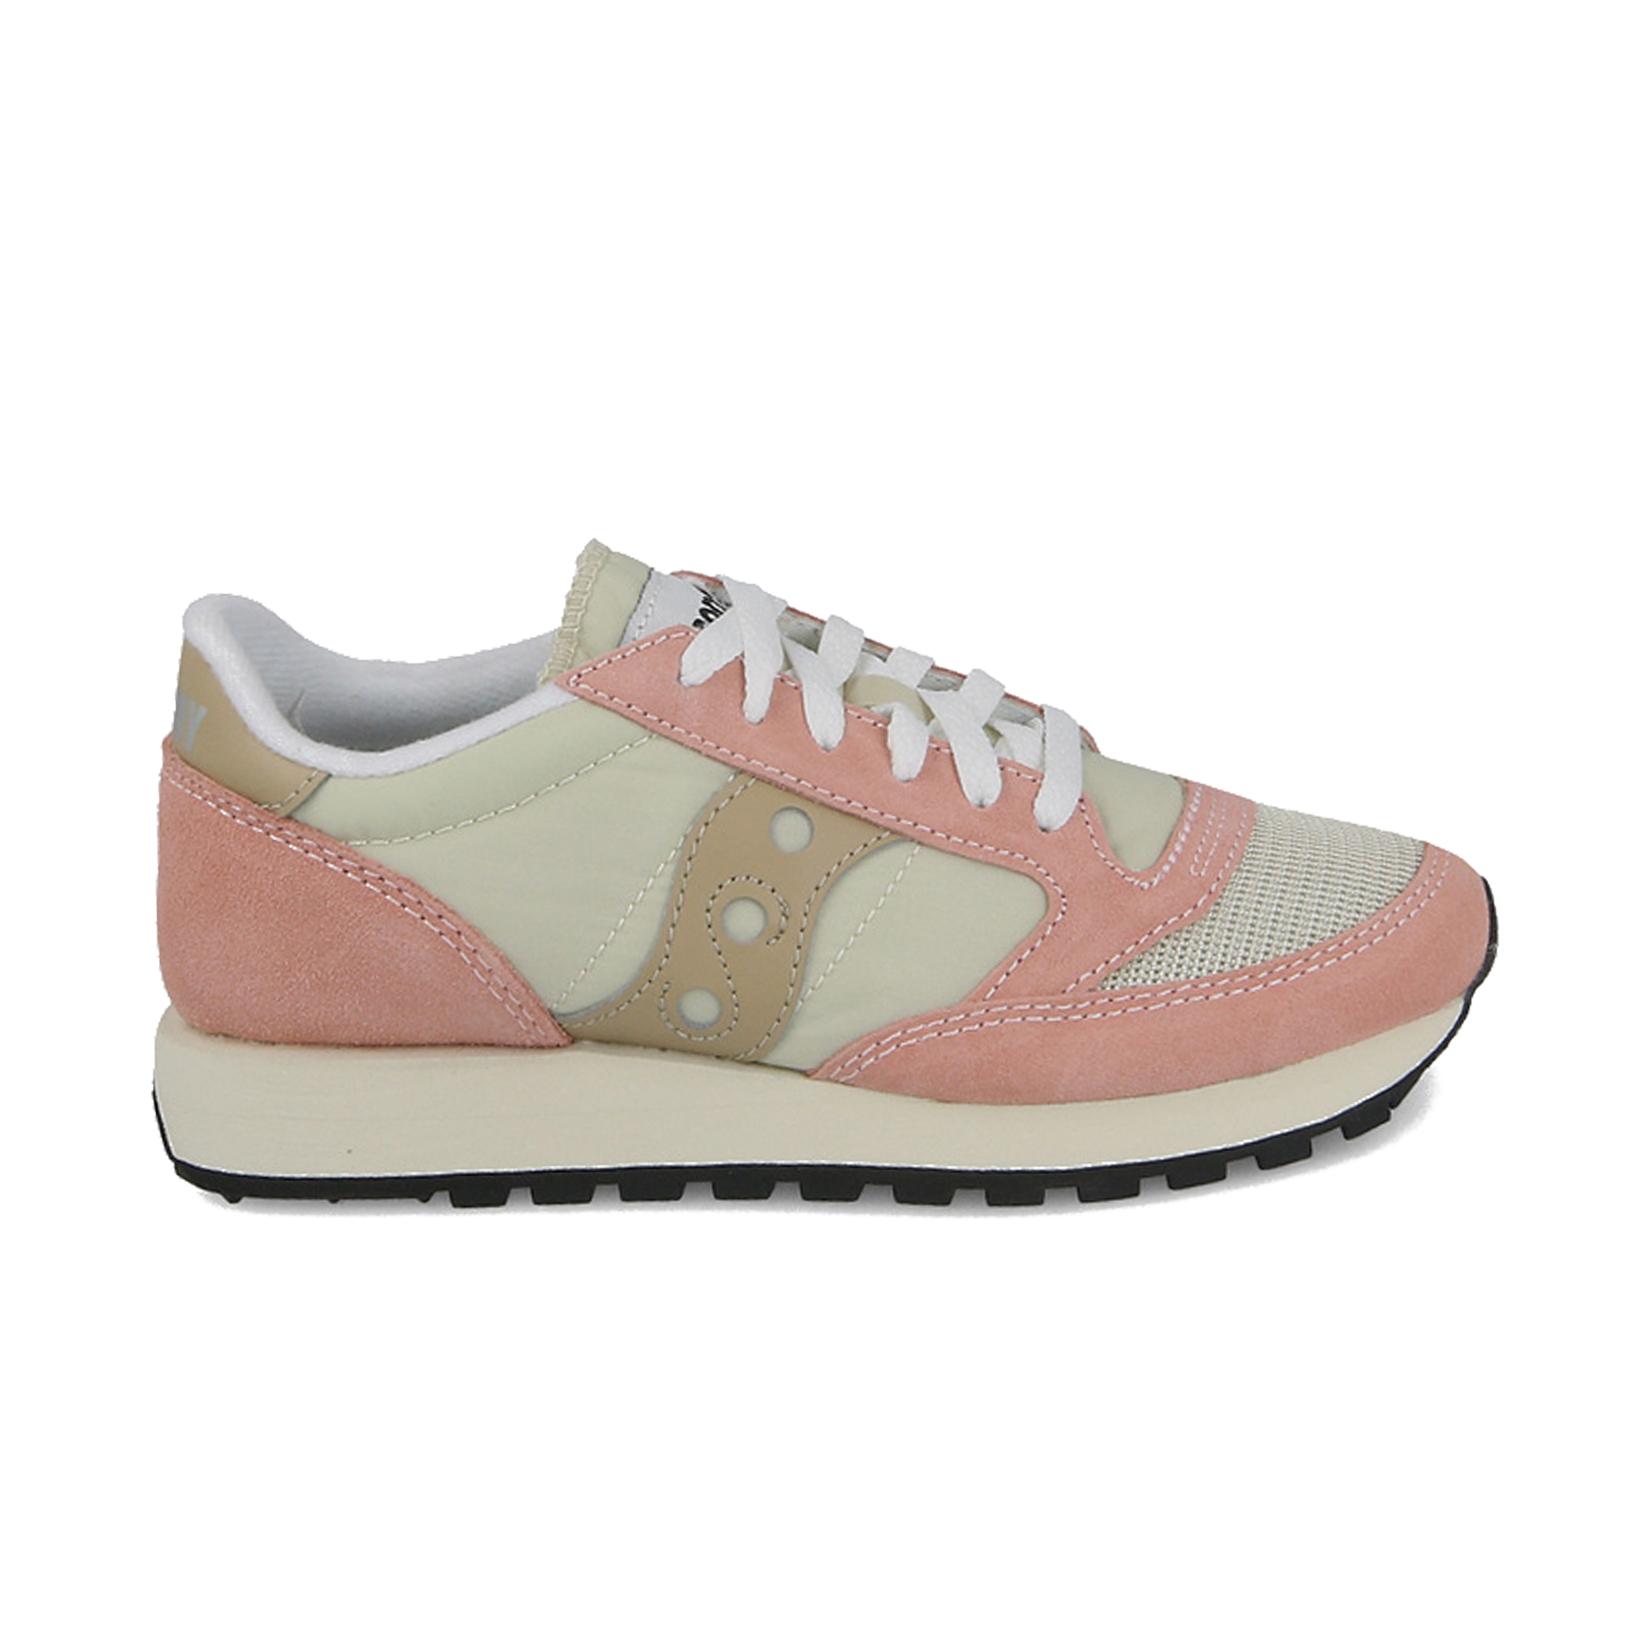 lowest price e8d8b b1785 Women's Shoes Saucony Jazz Original Vintage Coral Pink ...